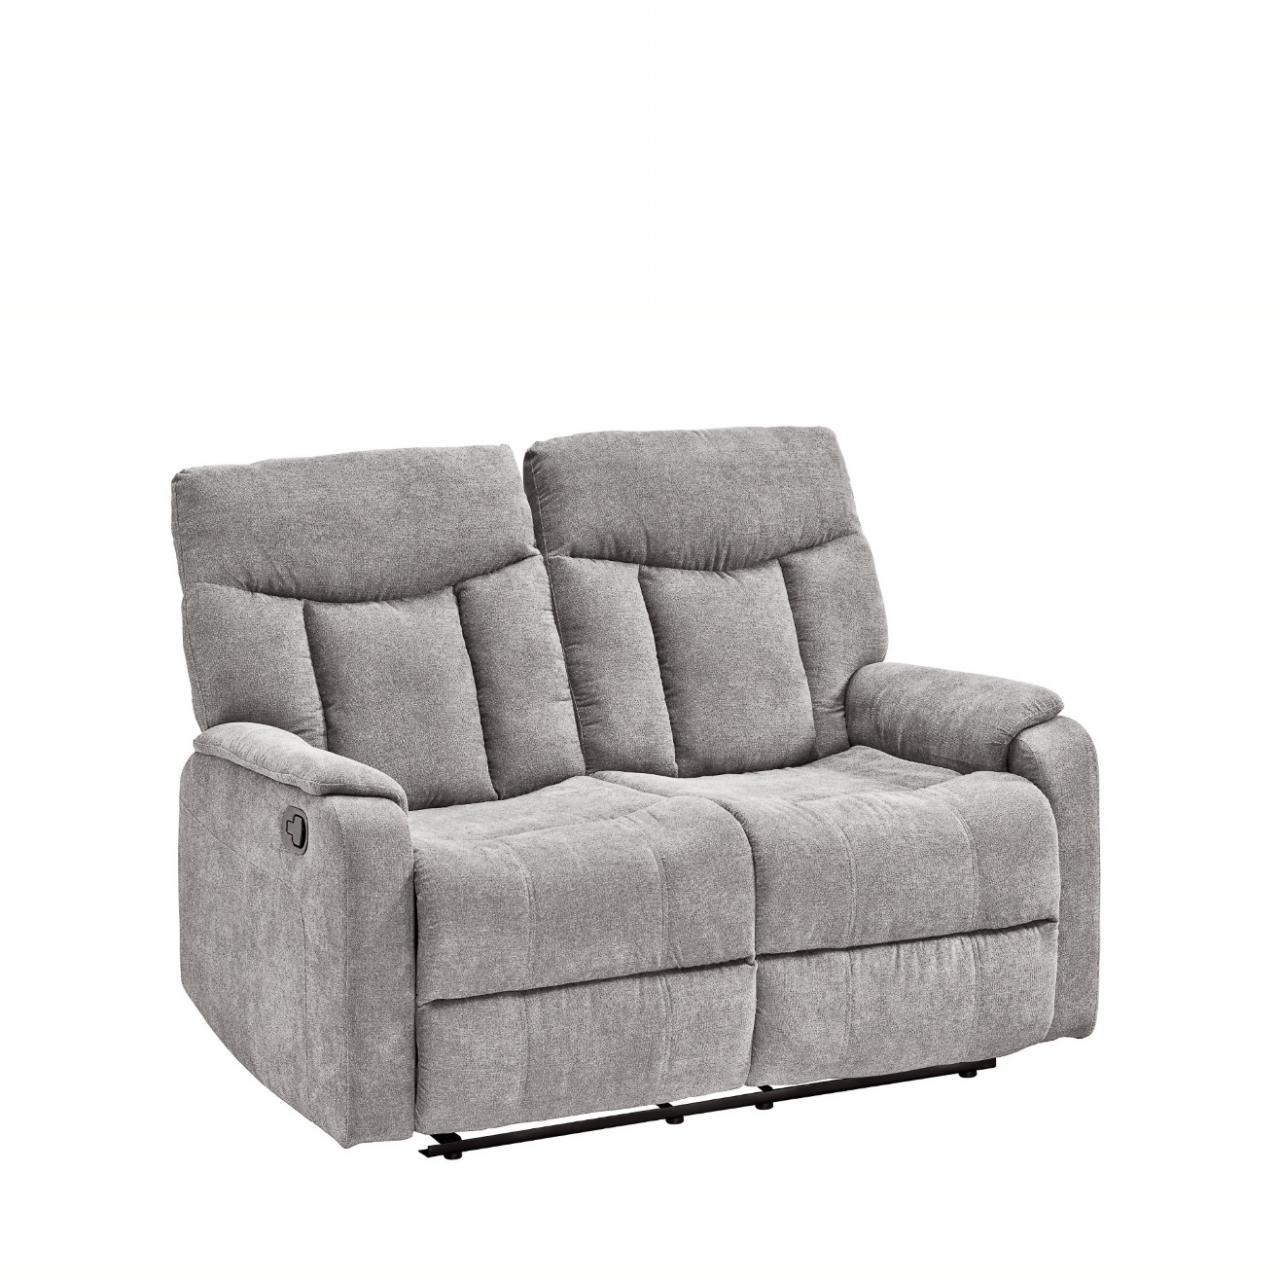 Full Size of 2 Sitzer Sofa Mit Relaxfunktion 5 Sitzer   Grau 196 Cm Breit 5 Leder Elektrisch Stressless 2 Sitzer City Integrierter Tischablage Und Stauraumfach Couch Fm Sofa 2 Sitzer Sofa Mit Relaxfunktion